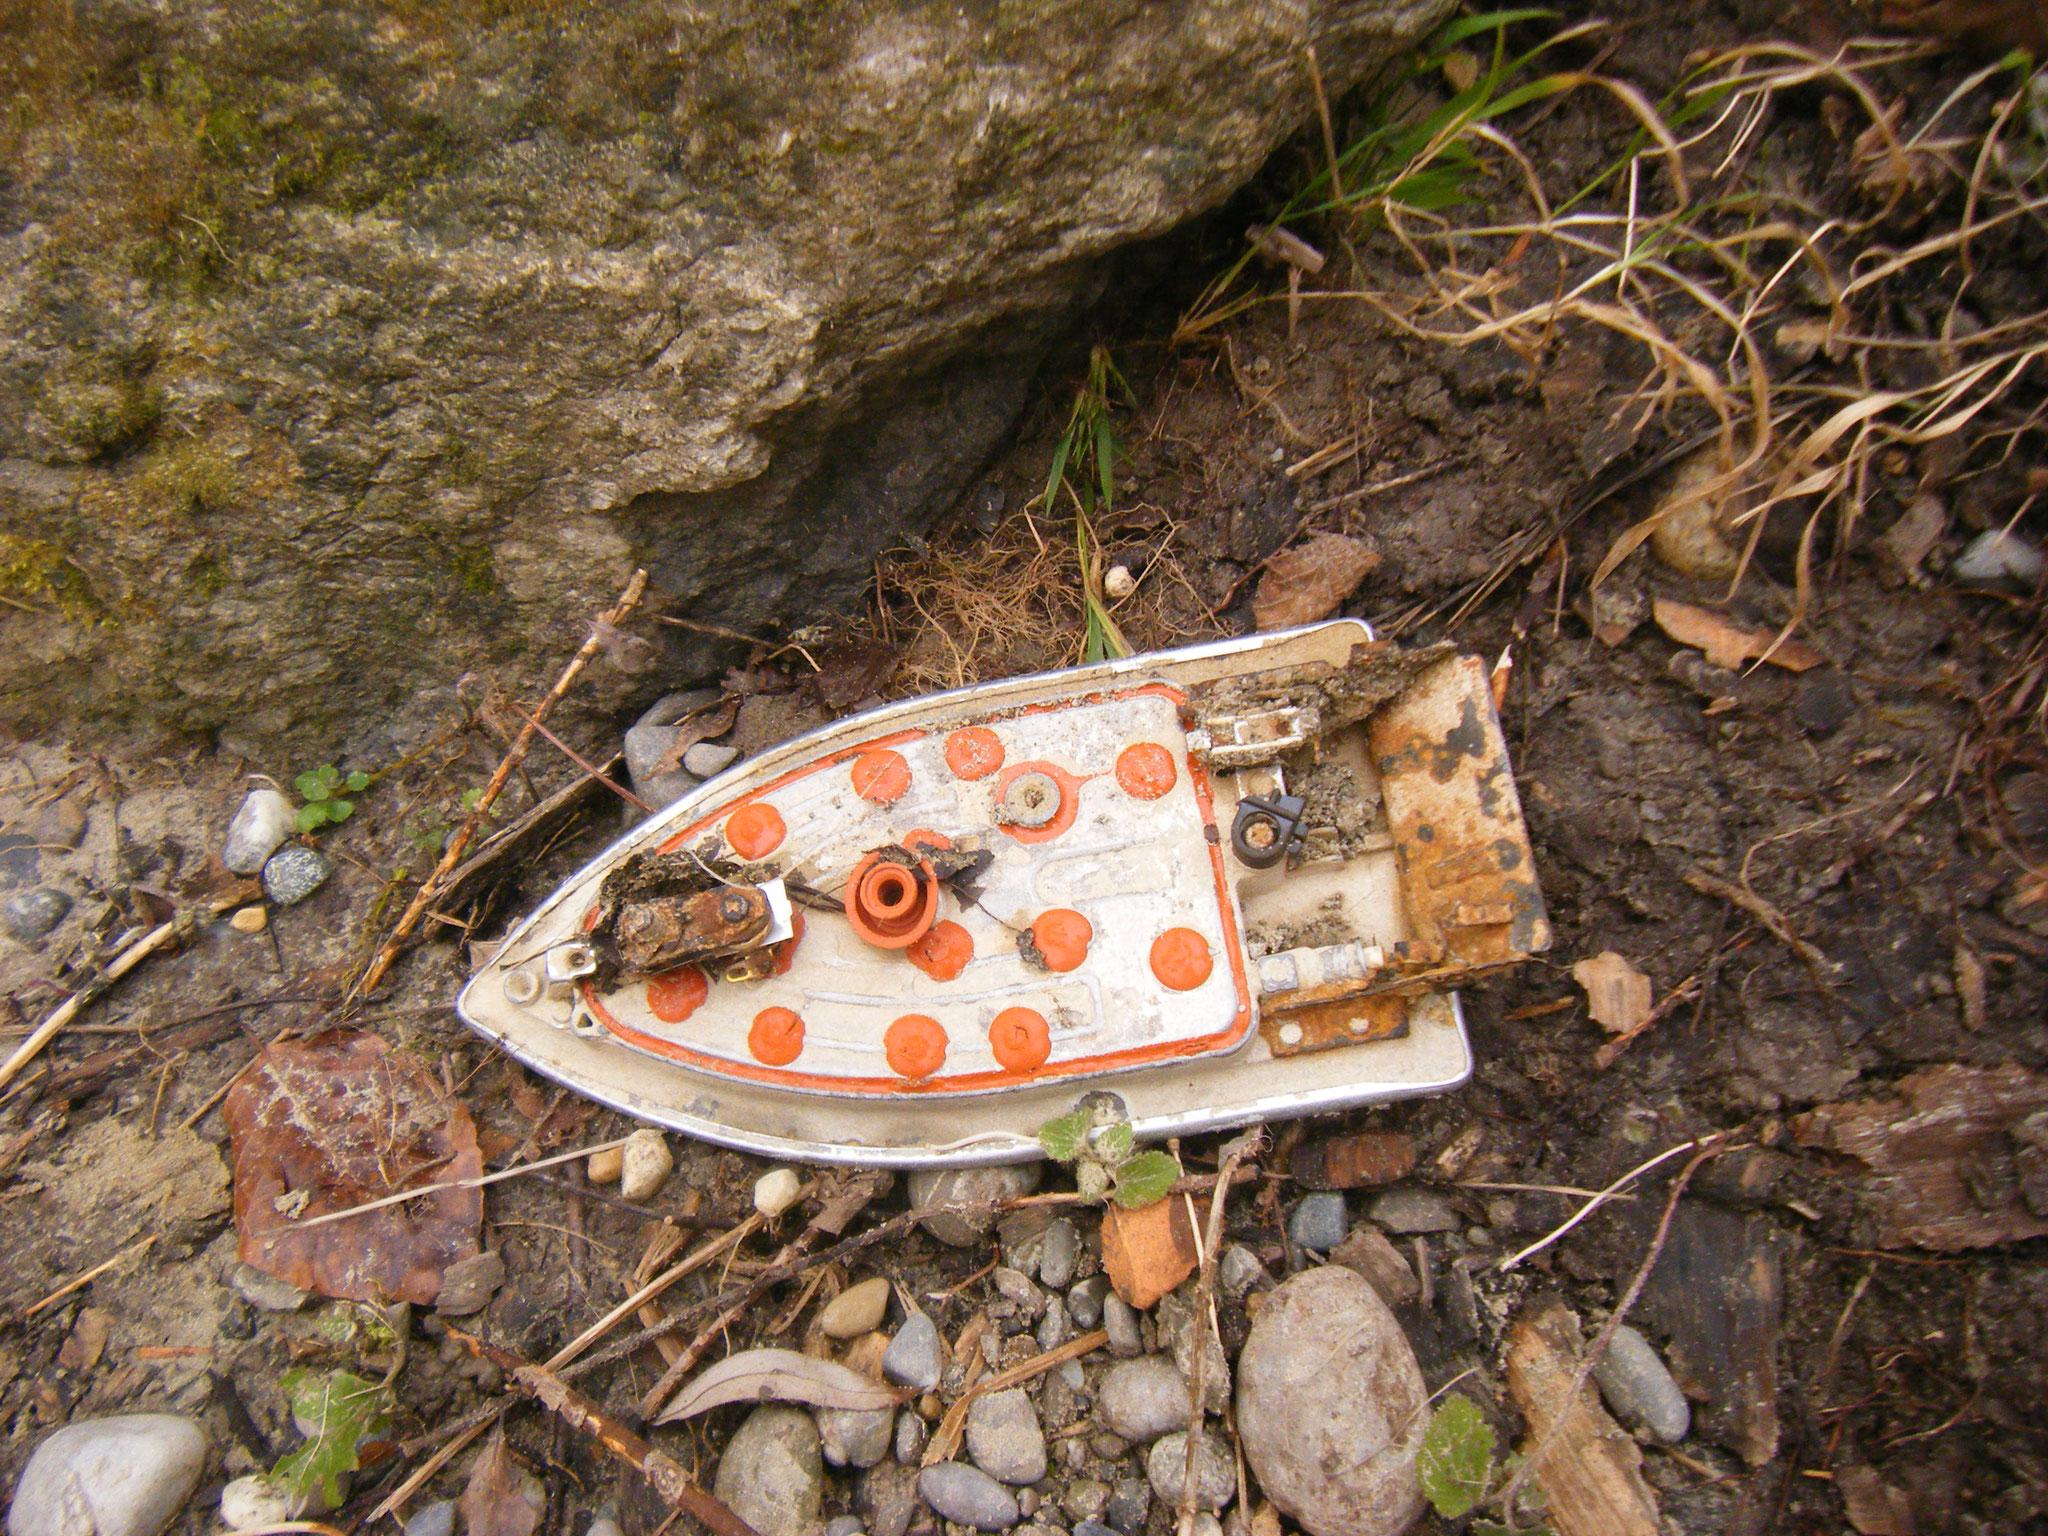 sieht aus wie ein Spielzeugboot, ist aber der untere Teil eines Bügeleisens